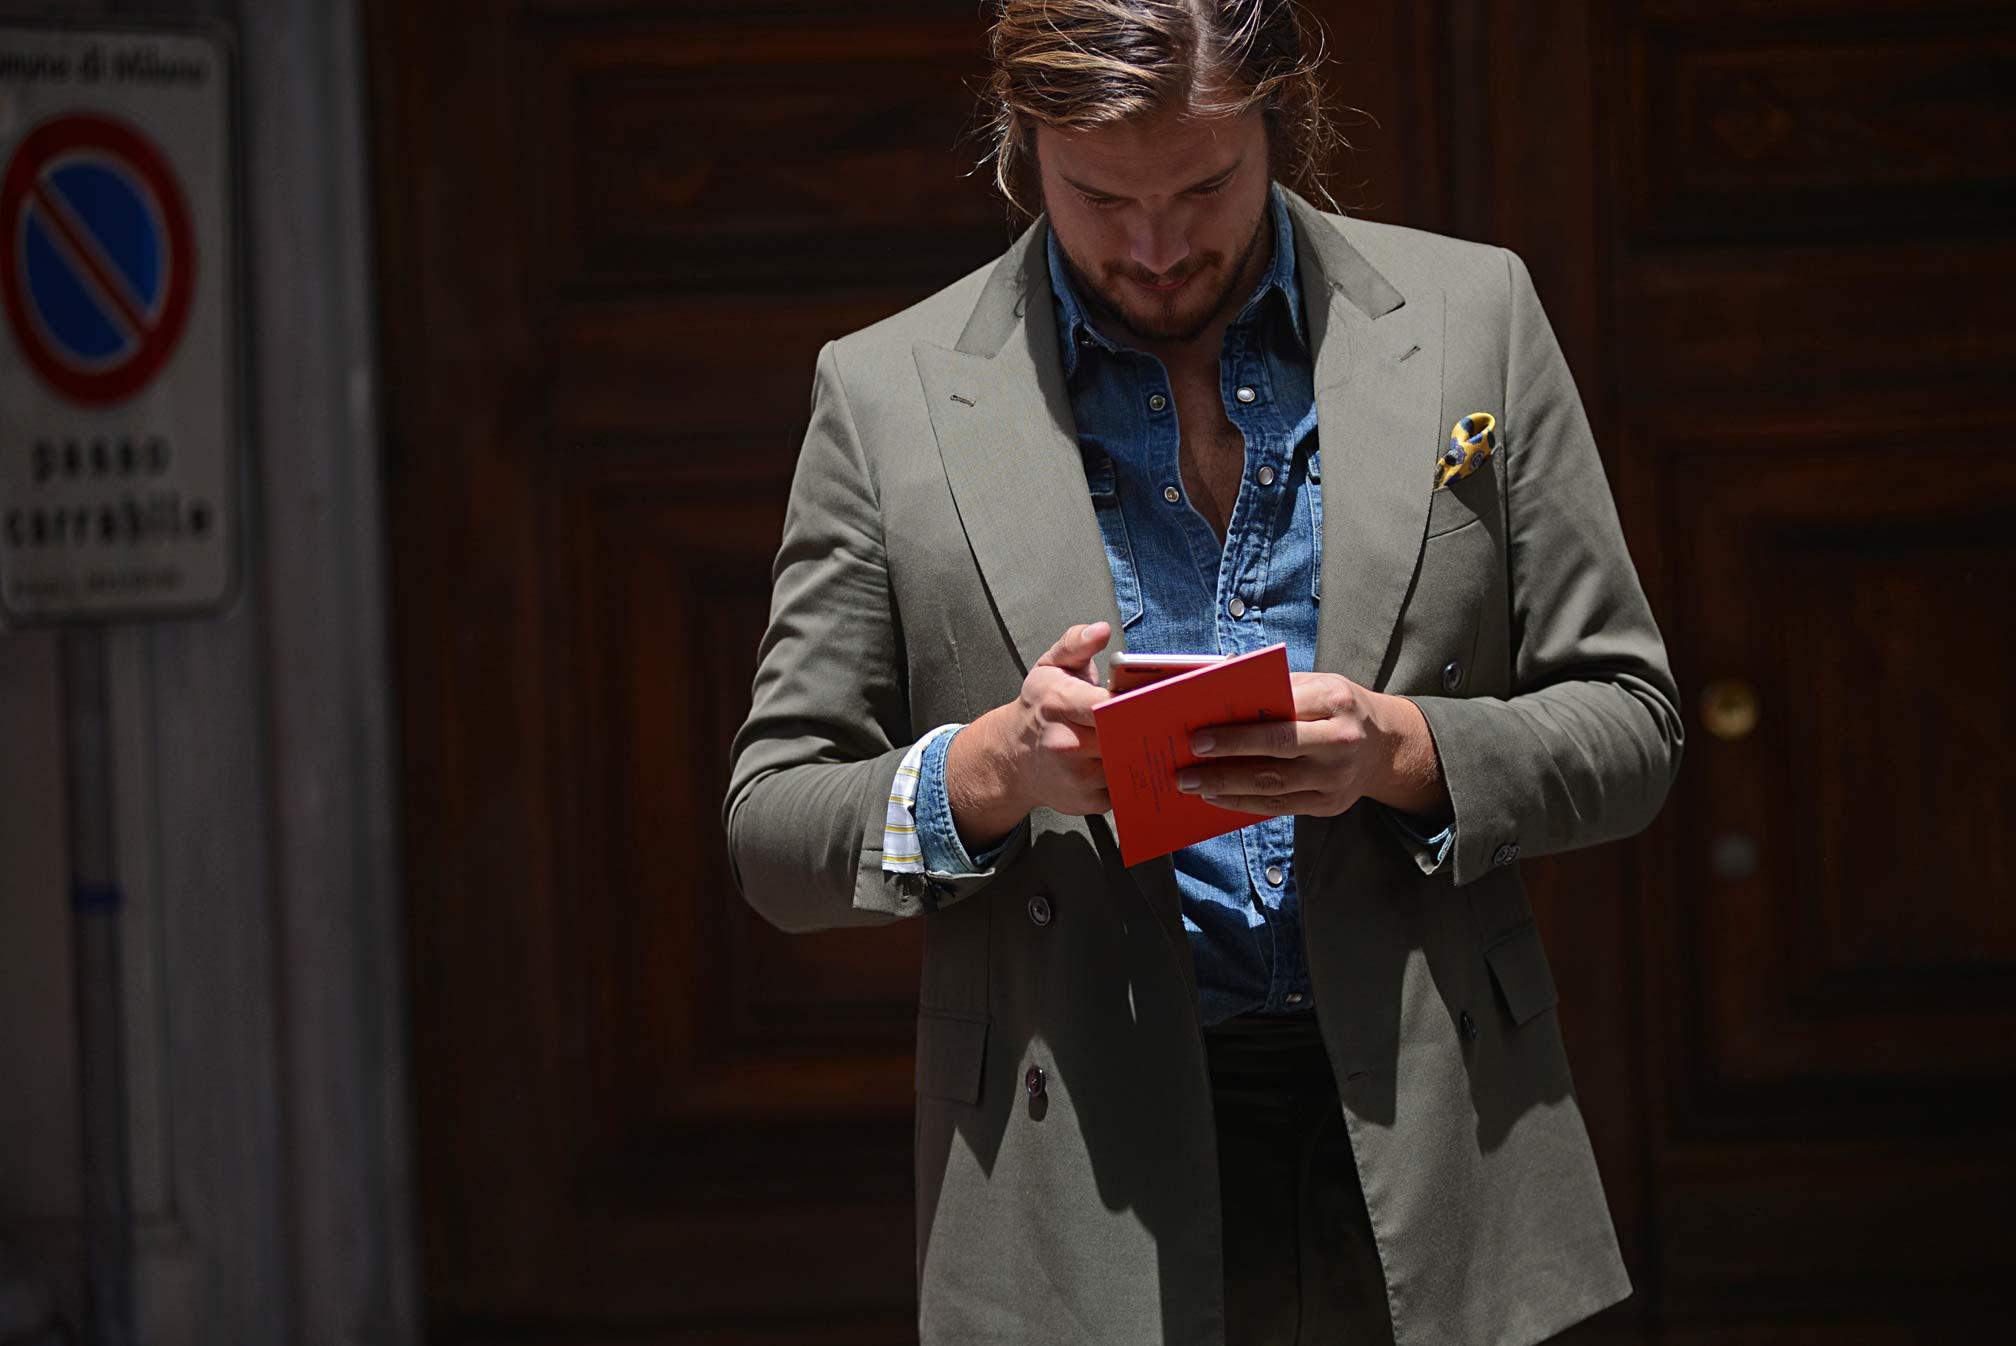 denim-shirt-suit